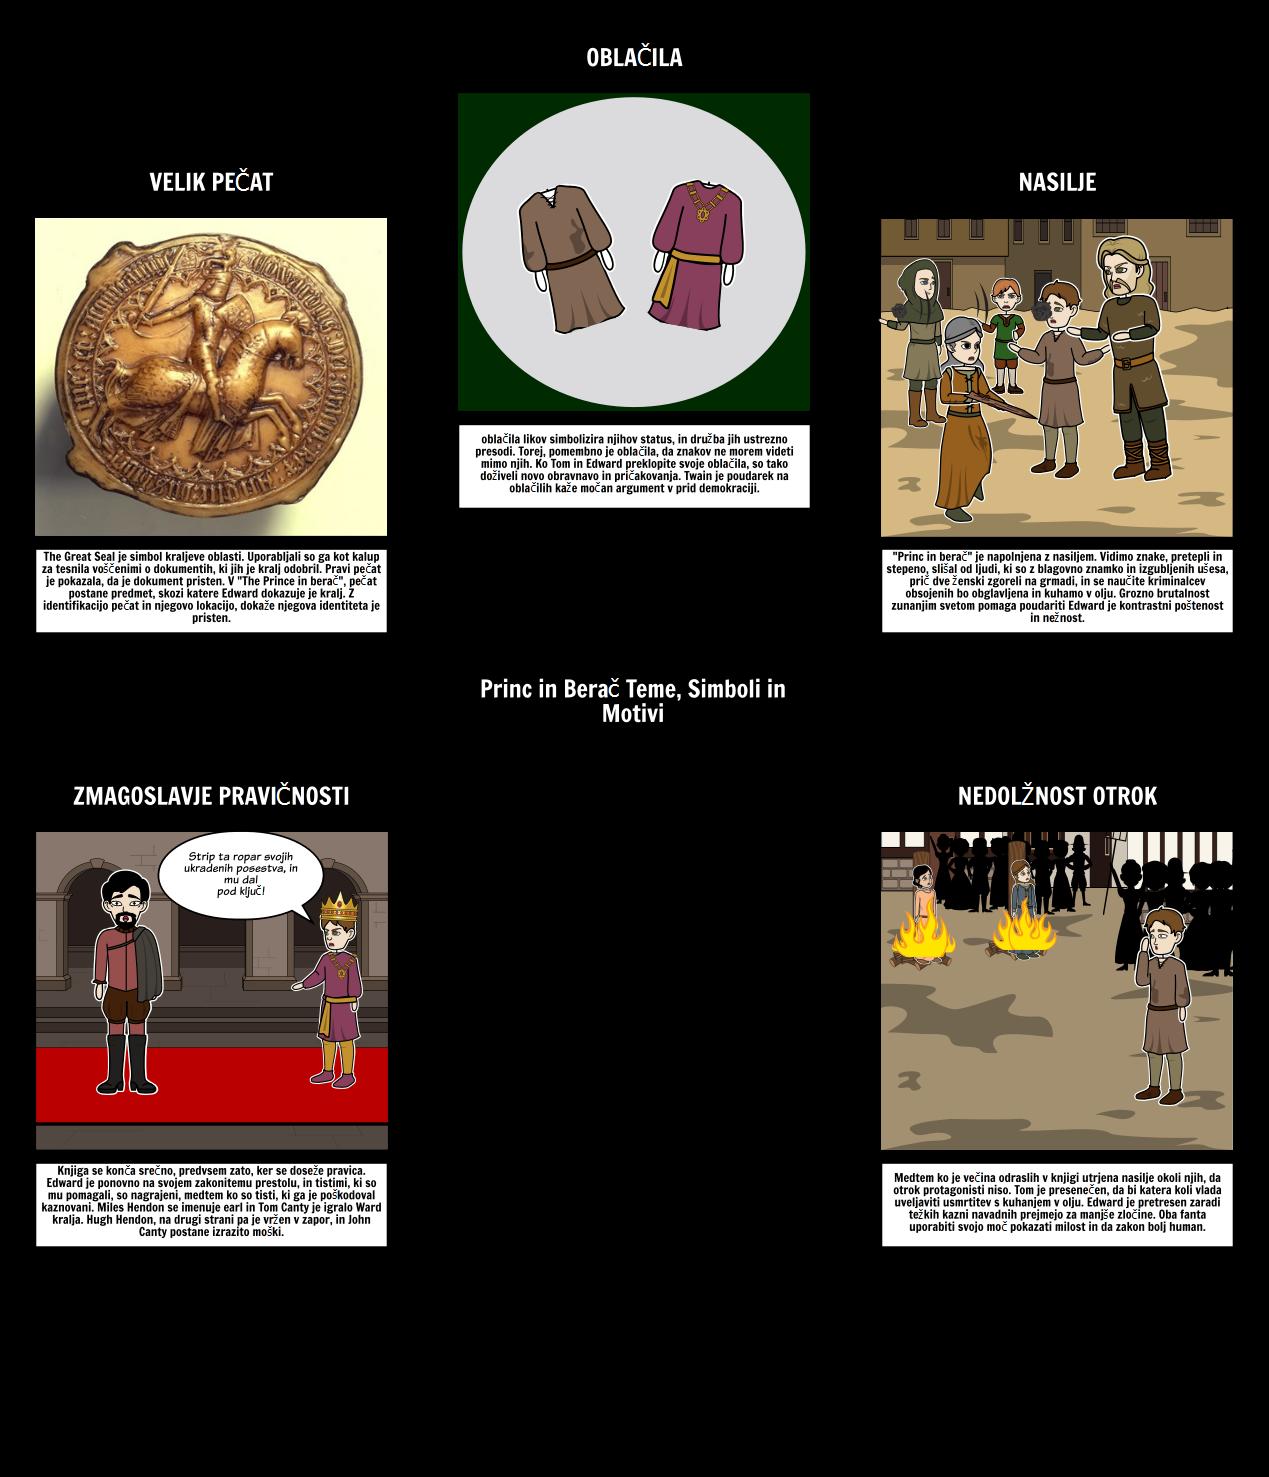 Princ in Berač Teme, Motivi in simboli